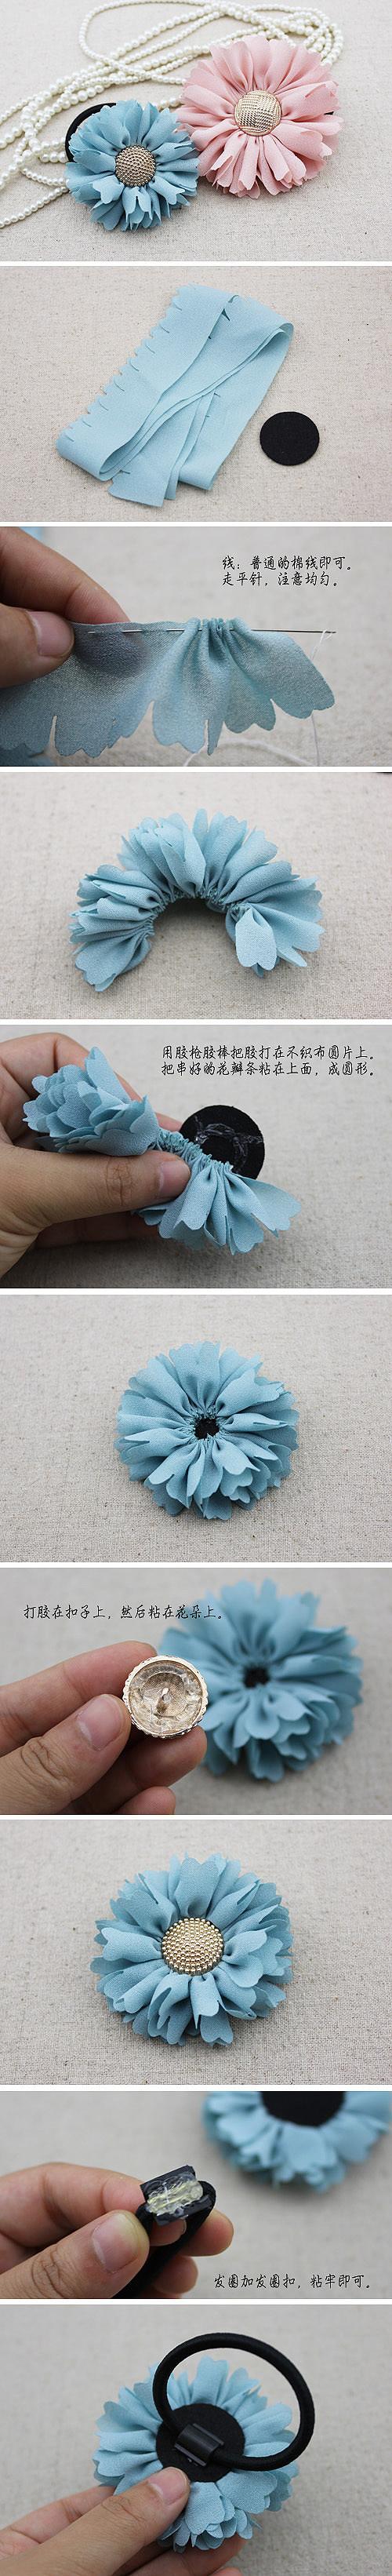 Blomst smykke flower